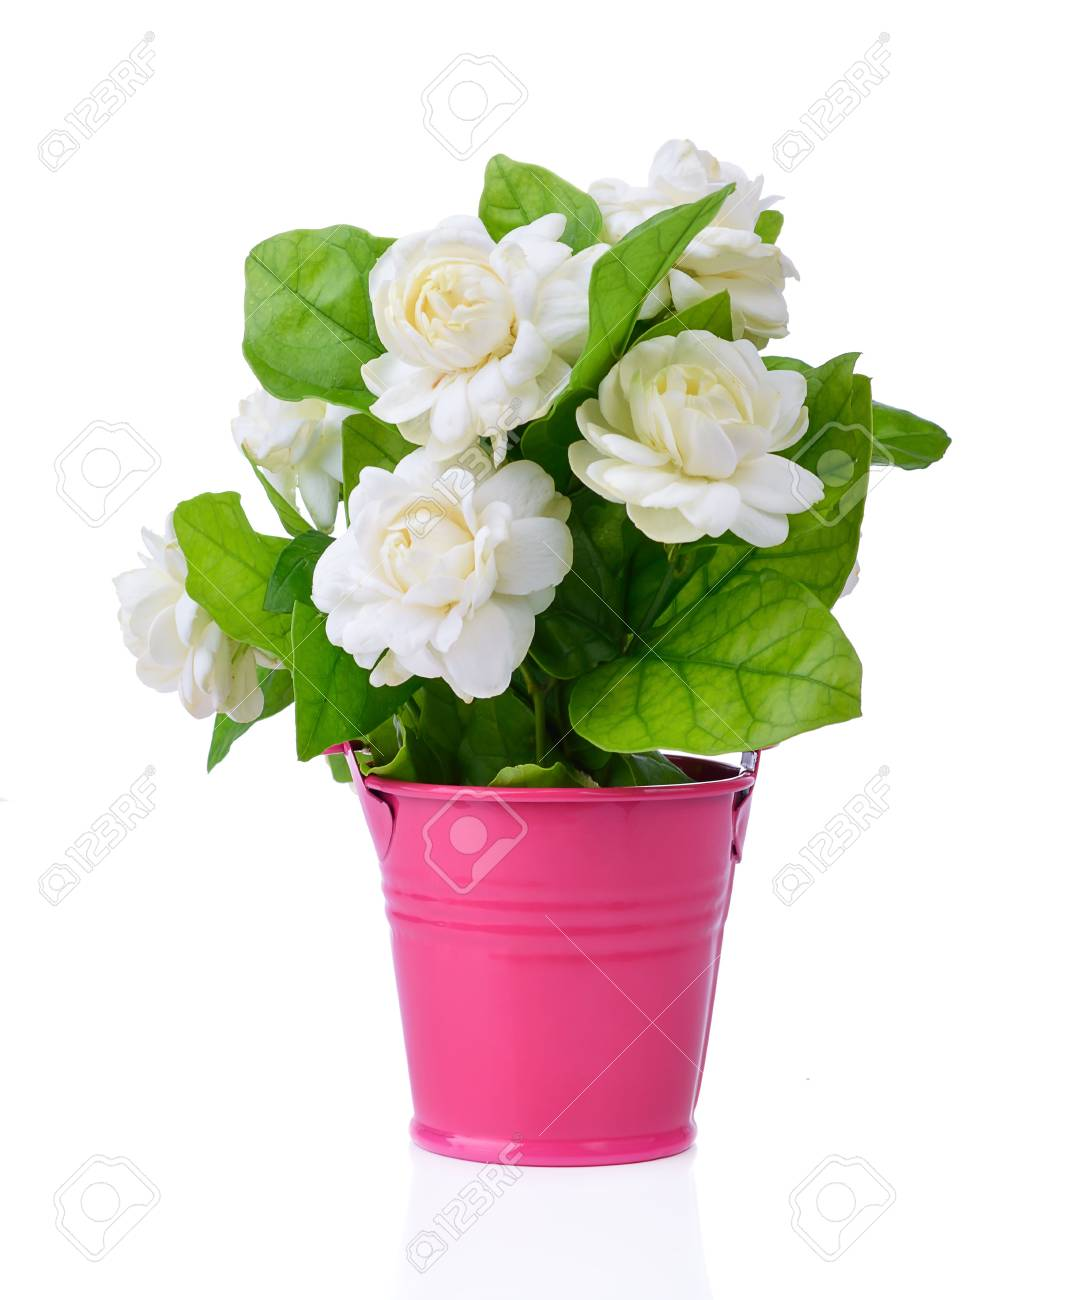 Arabian Jasmine Jasminum Sambac Flower And Leaves Jasmine Stock